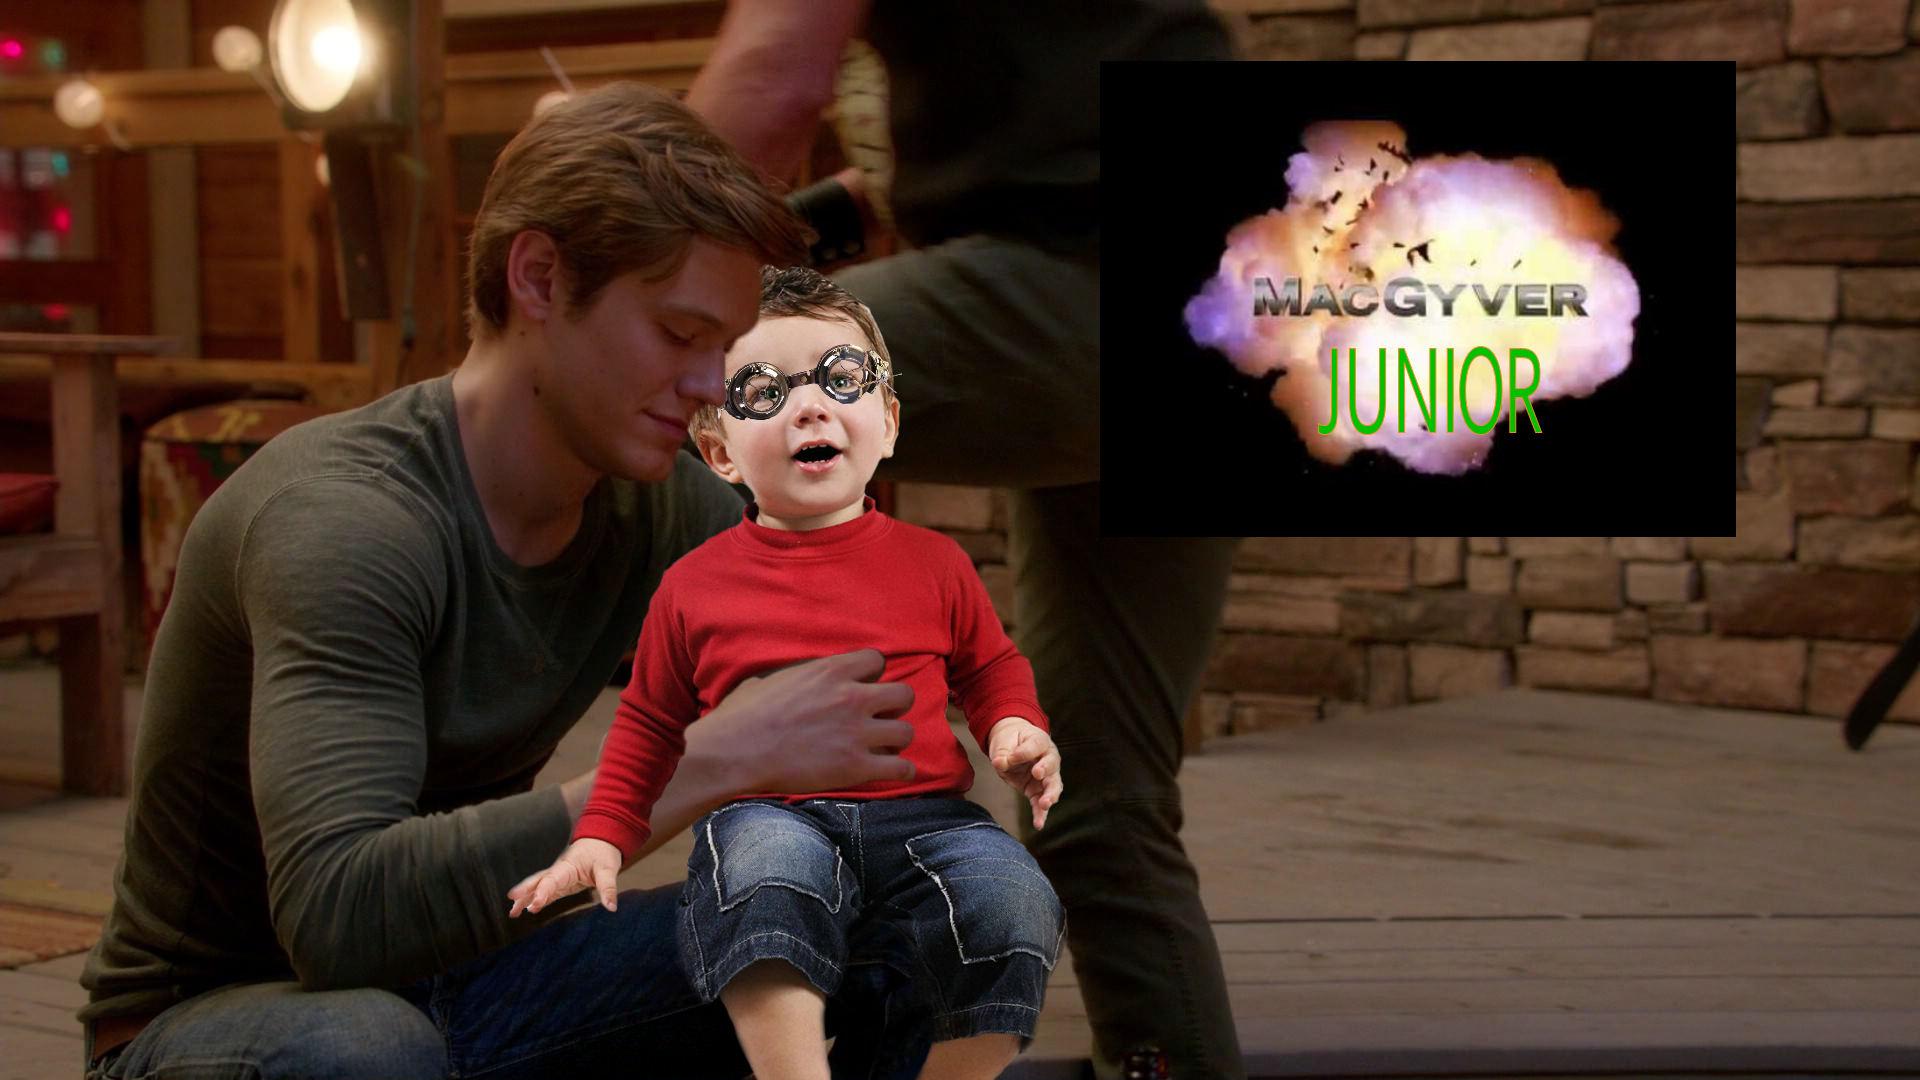 MacGyver Junior - MacGyver as Dad